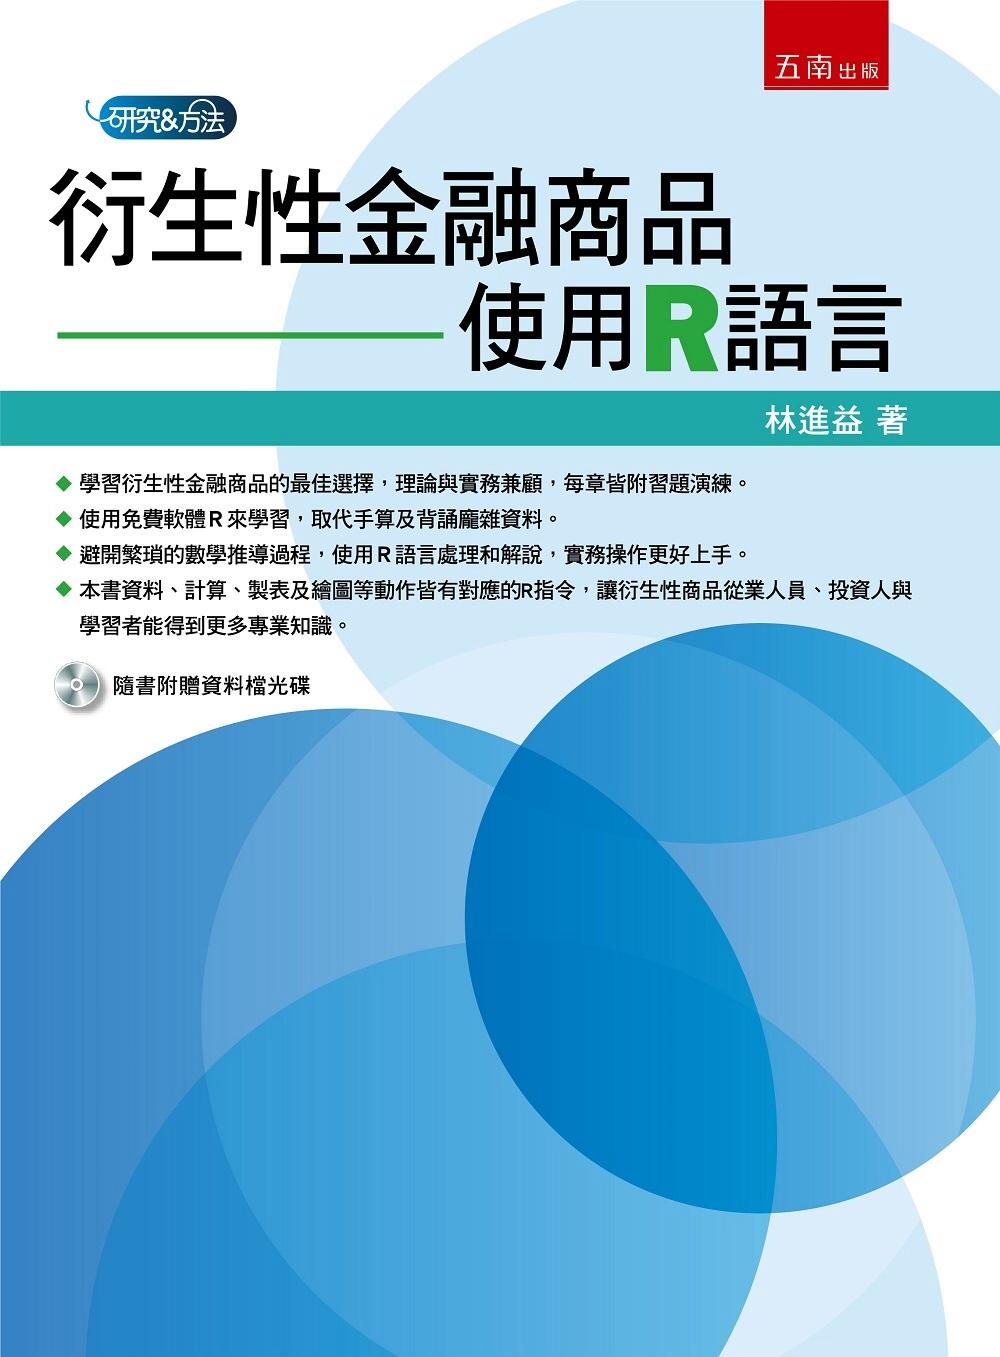 衍生性金融商品:使用R語言